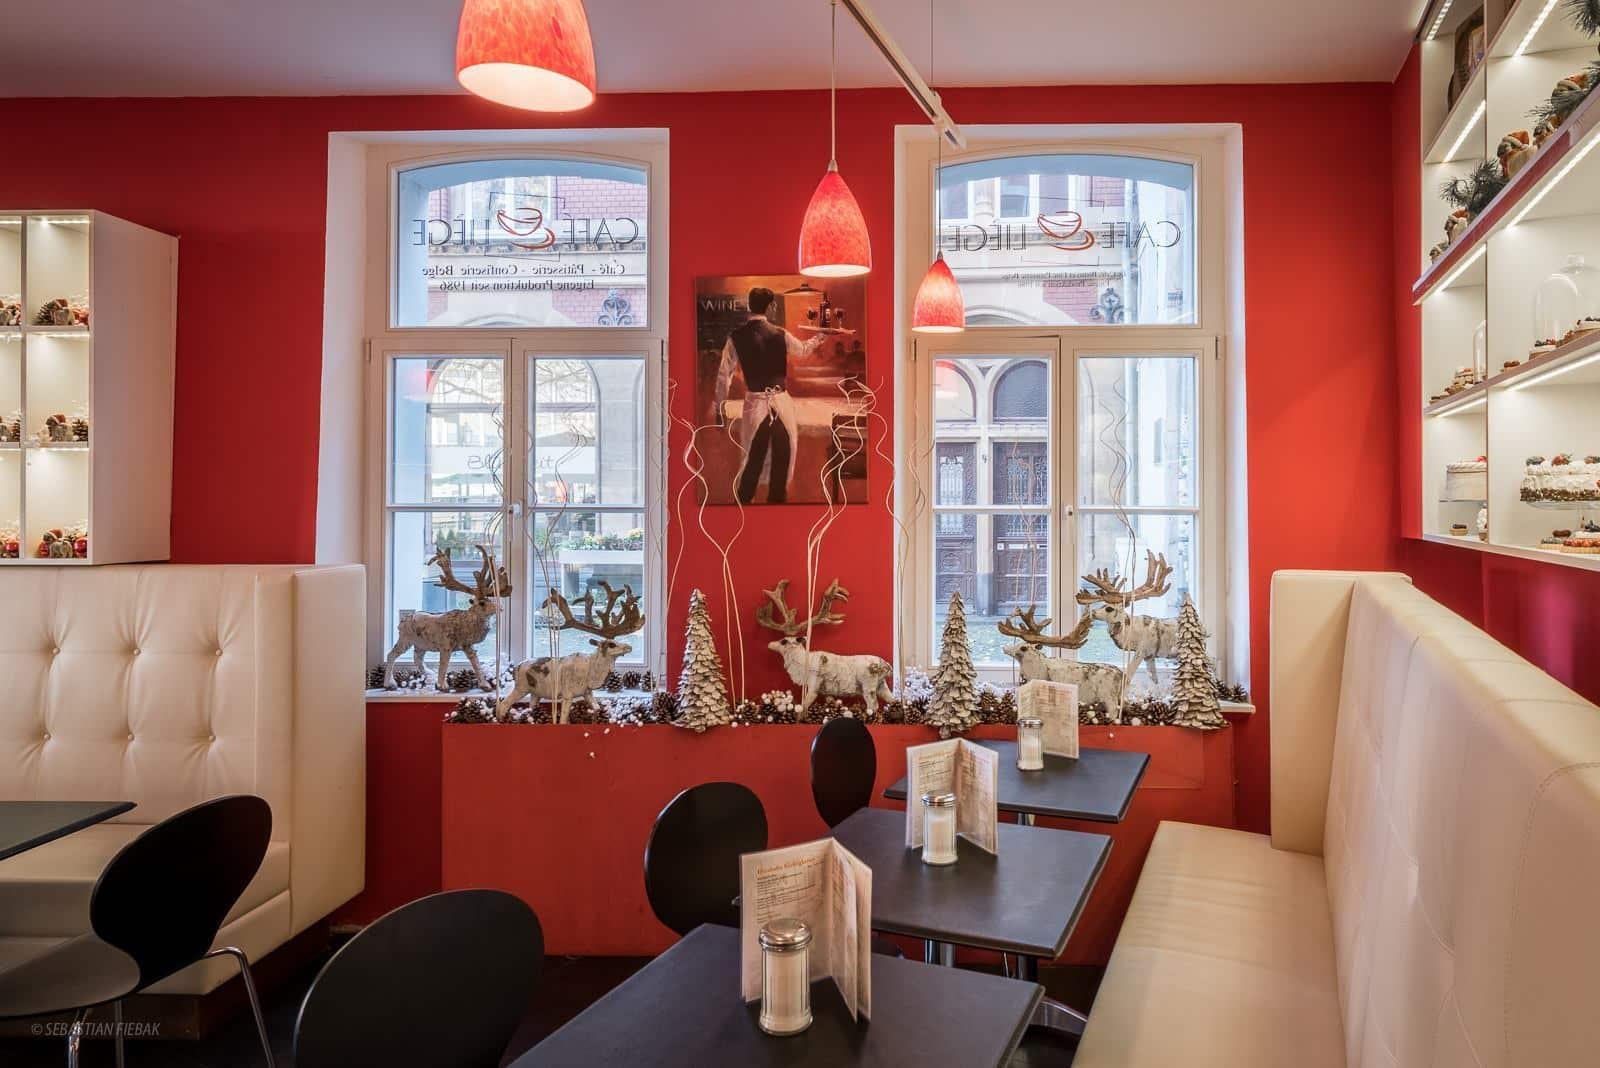 cafe liege aachen google street view 14